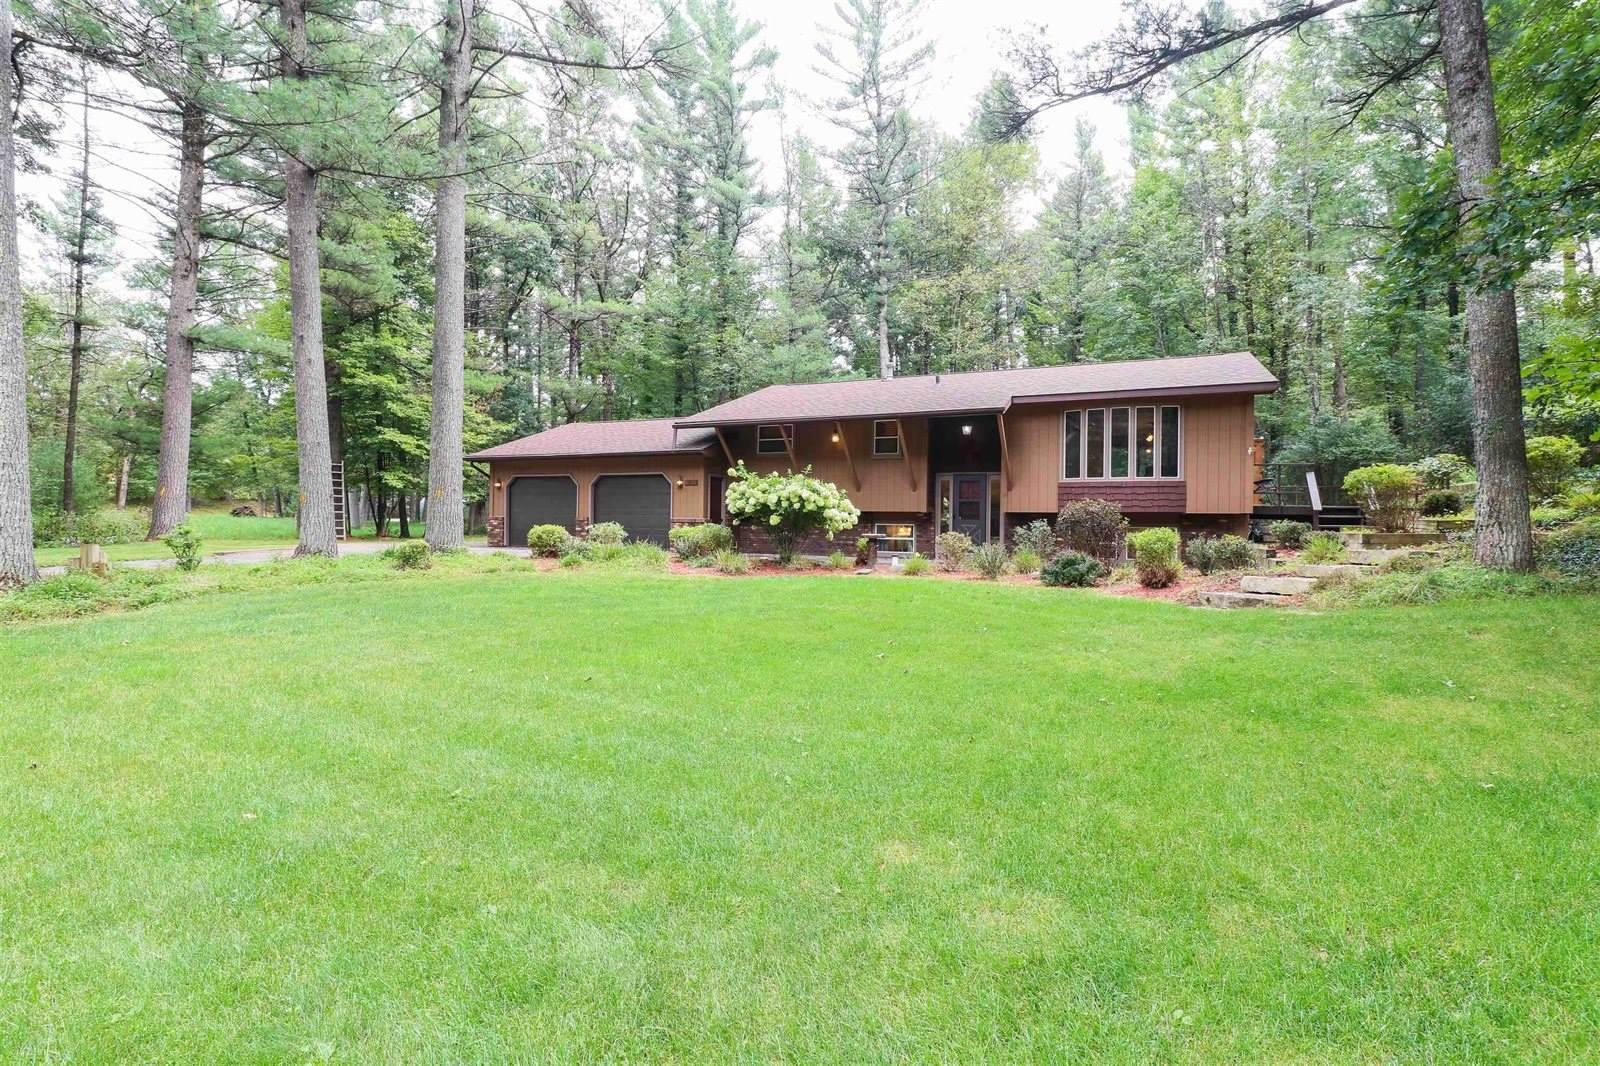 3730 Ridgeway Trail, Wisconsin Rapids, WI 54494